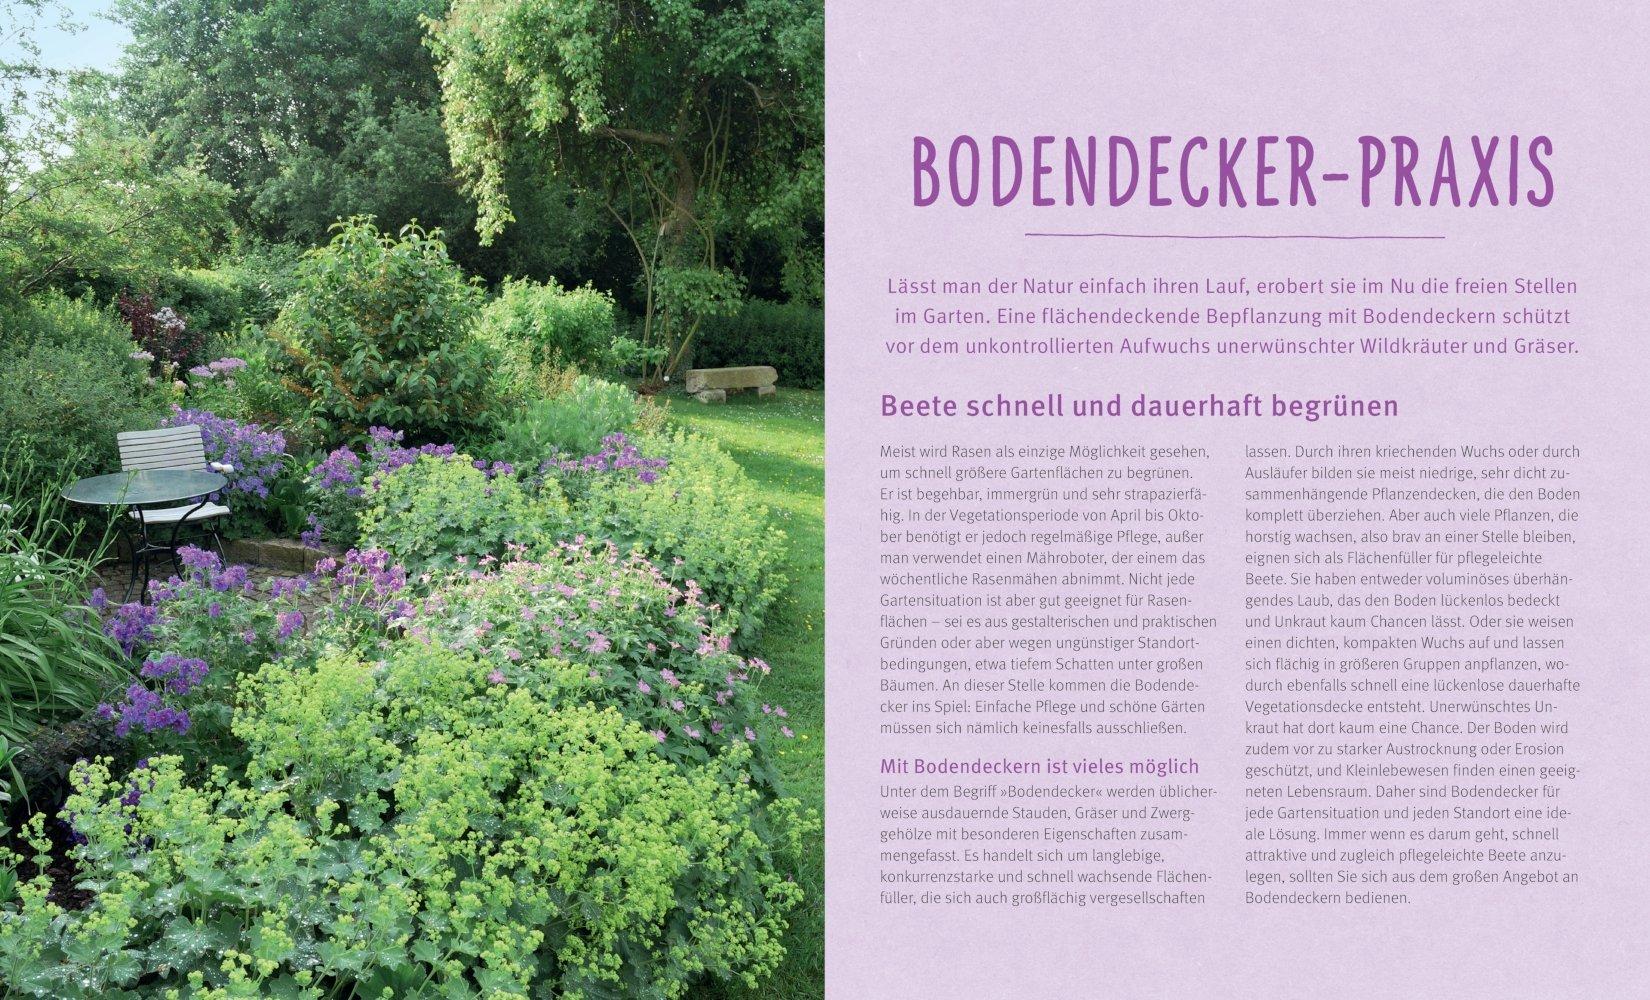 Flinke Bodendecker: Flächenfüller für jeden Gartenstandort GU ...